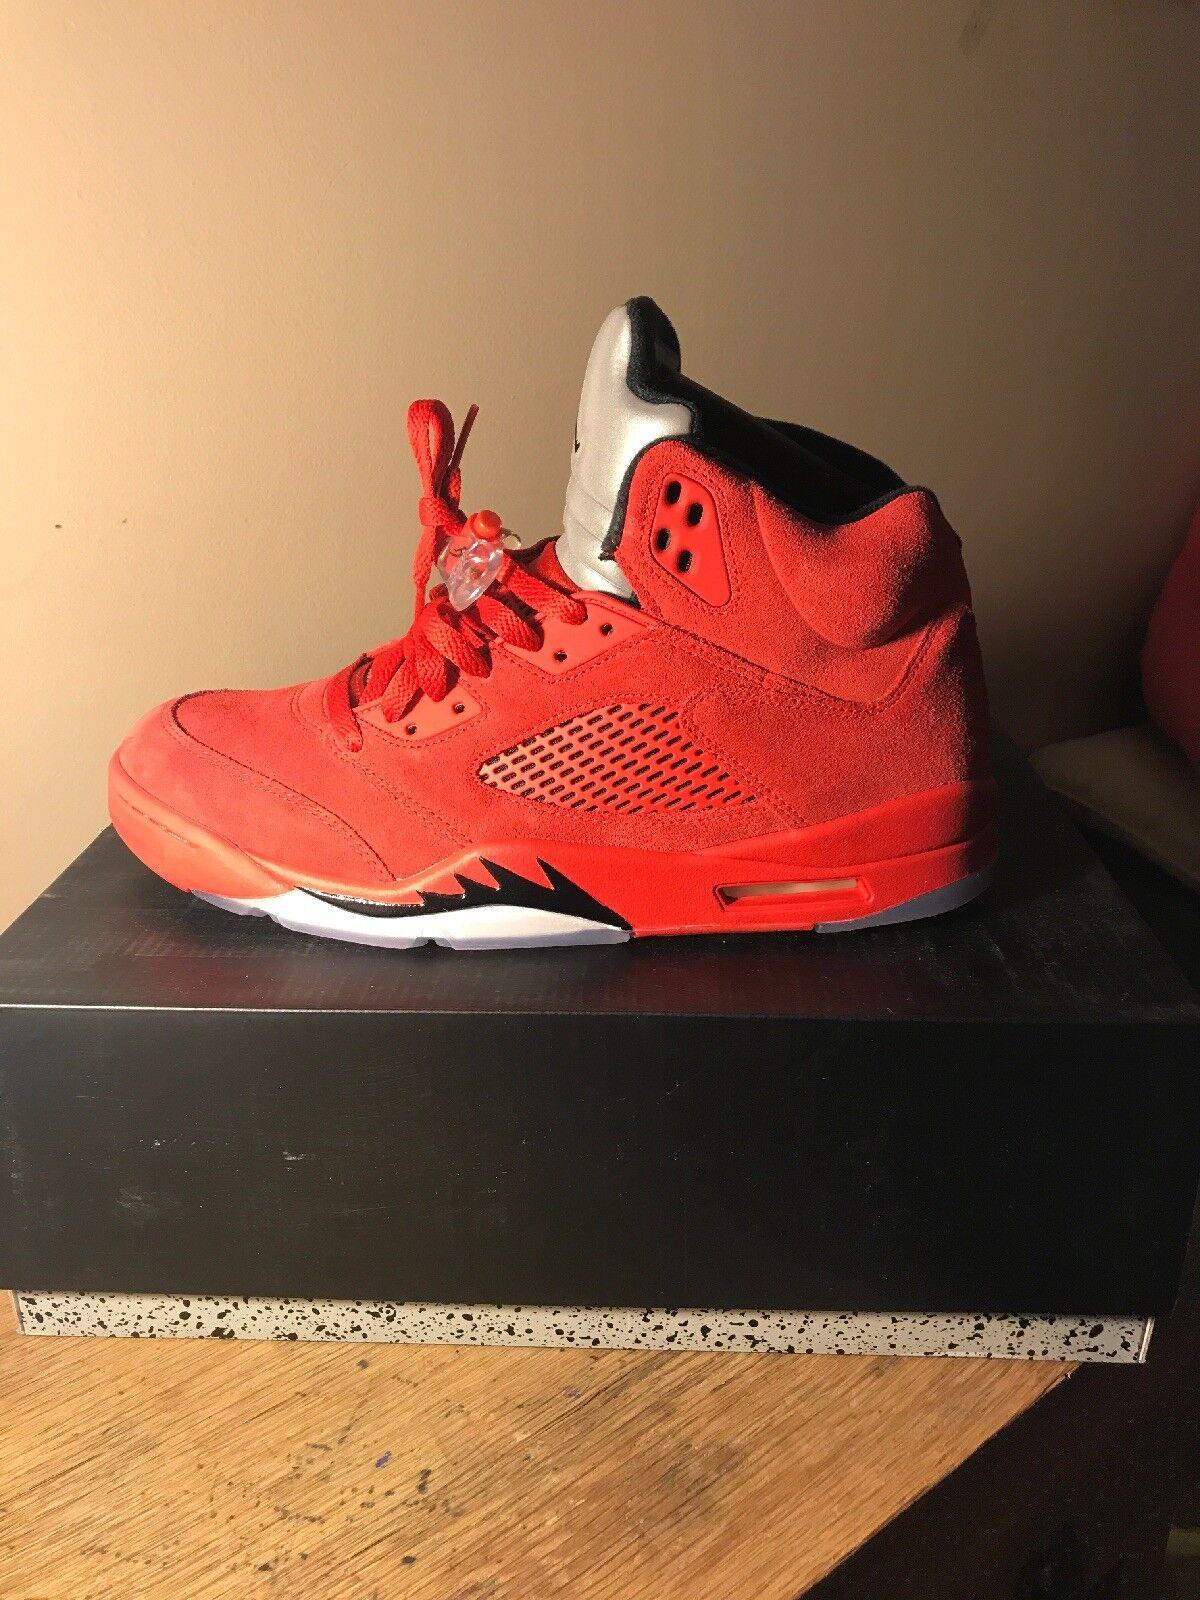 Nike air v 136027 602 5 retro fluganzug 12 rot größe